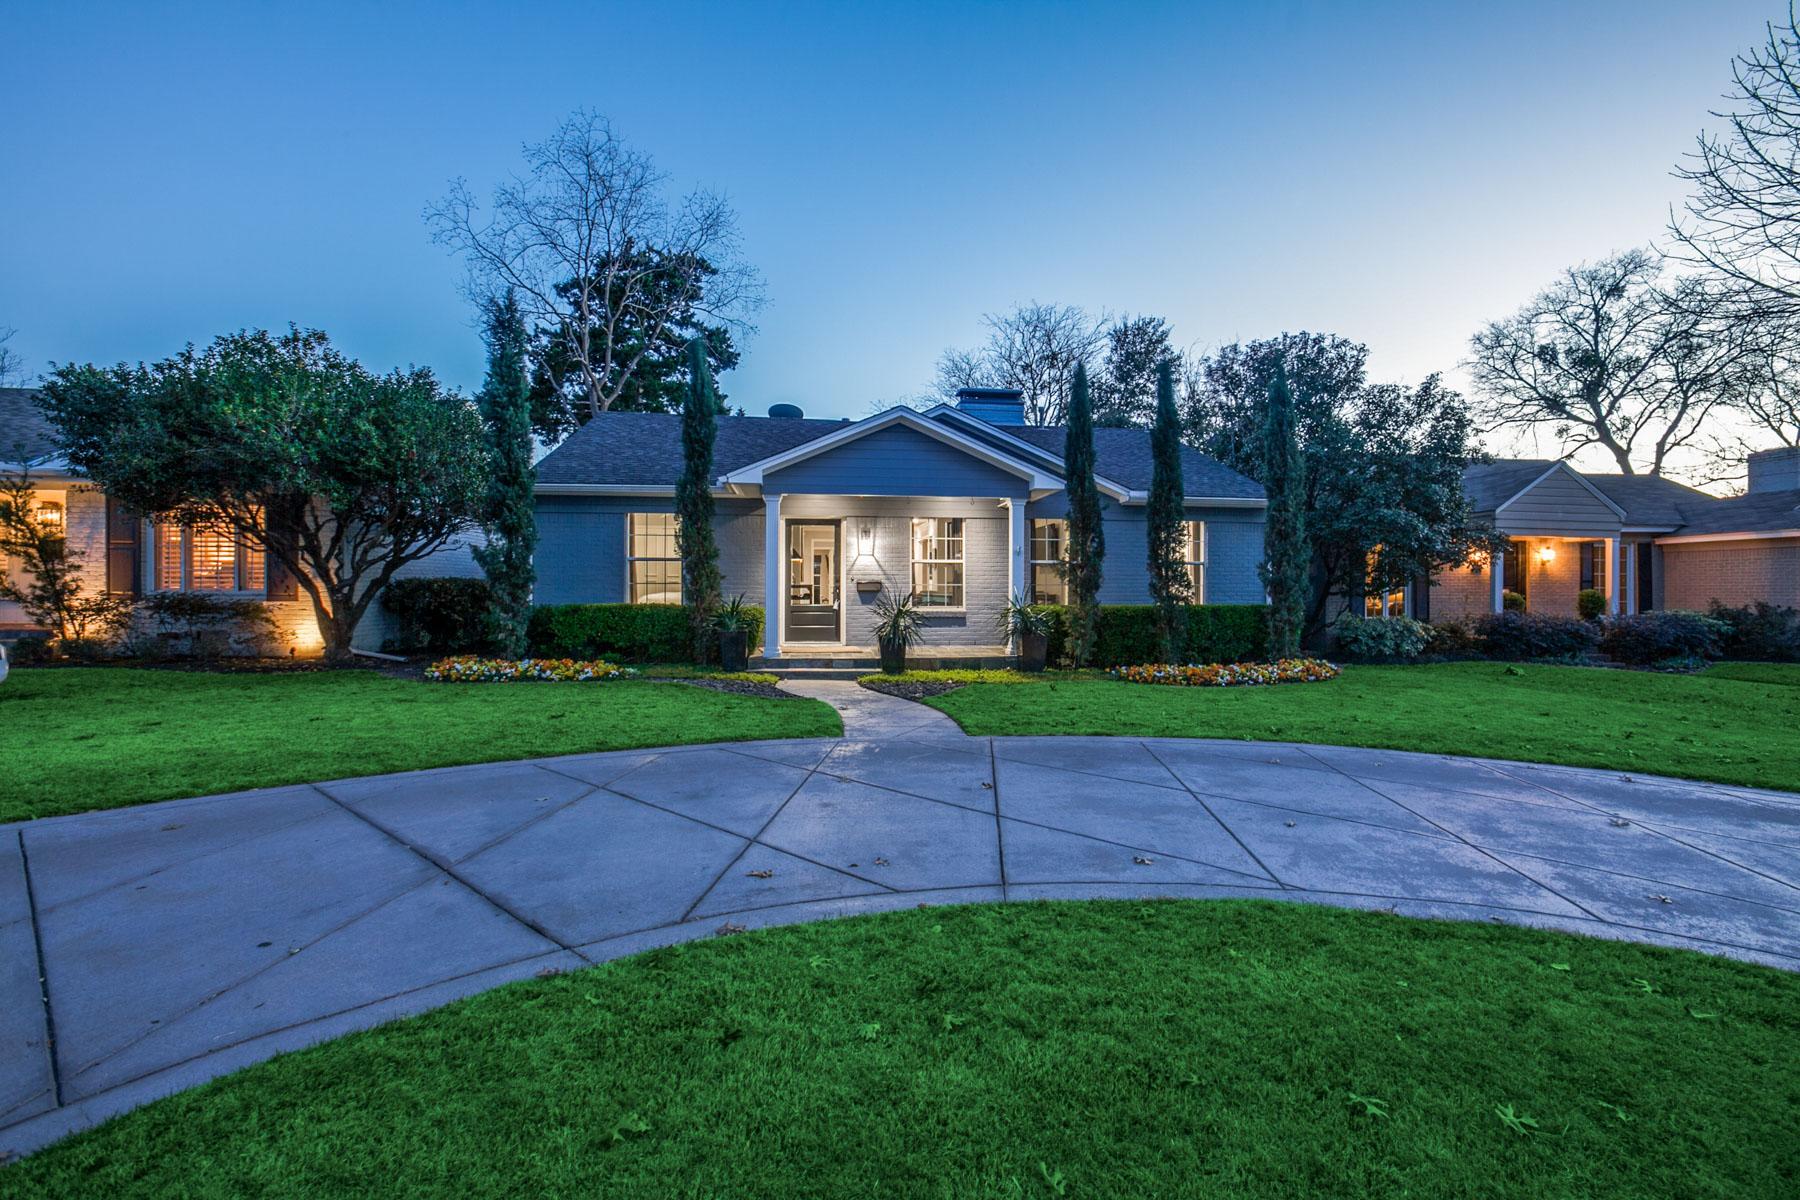 Einfamilienhaus für Verkauf beim Charming Cottage in Devonshire 5630 W Amherst Ave Dallas, Texas, 75209 Vereinigte Staaten